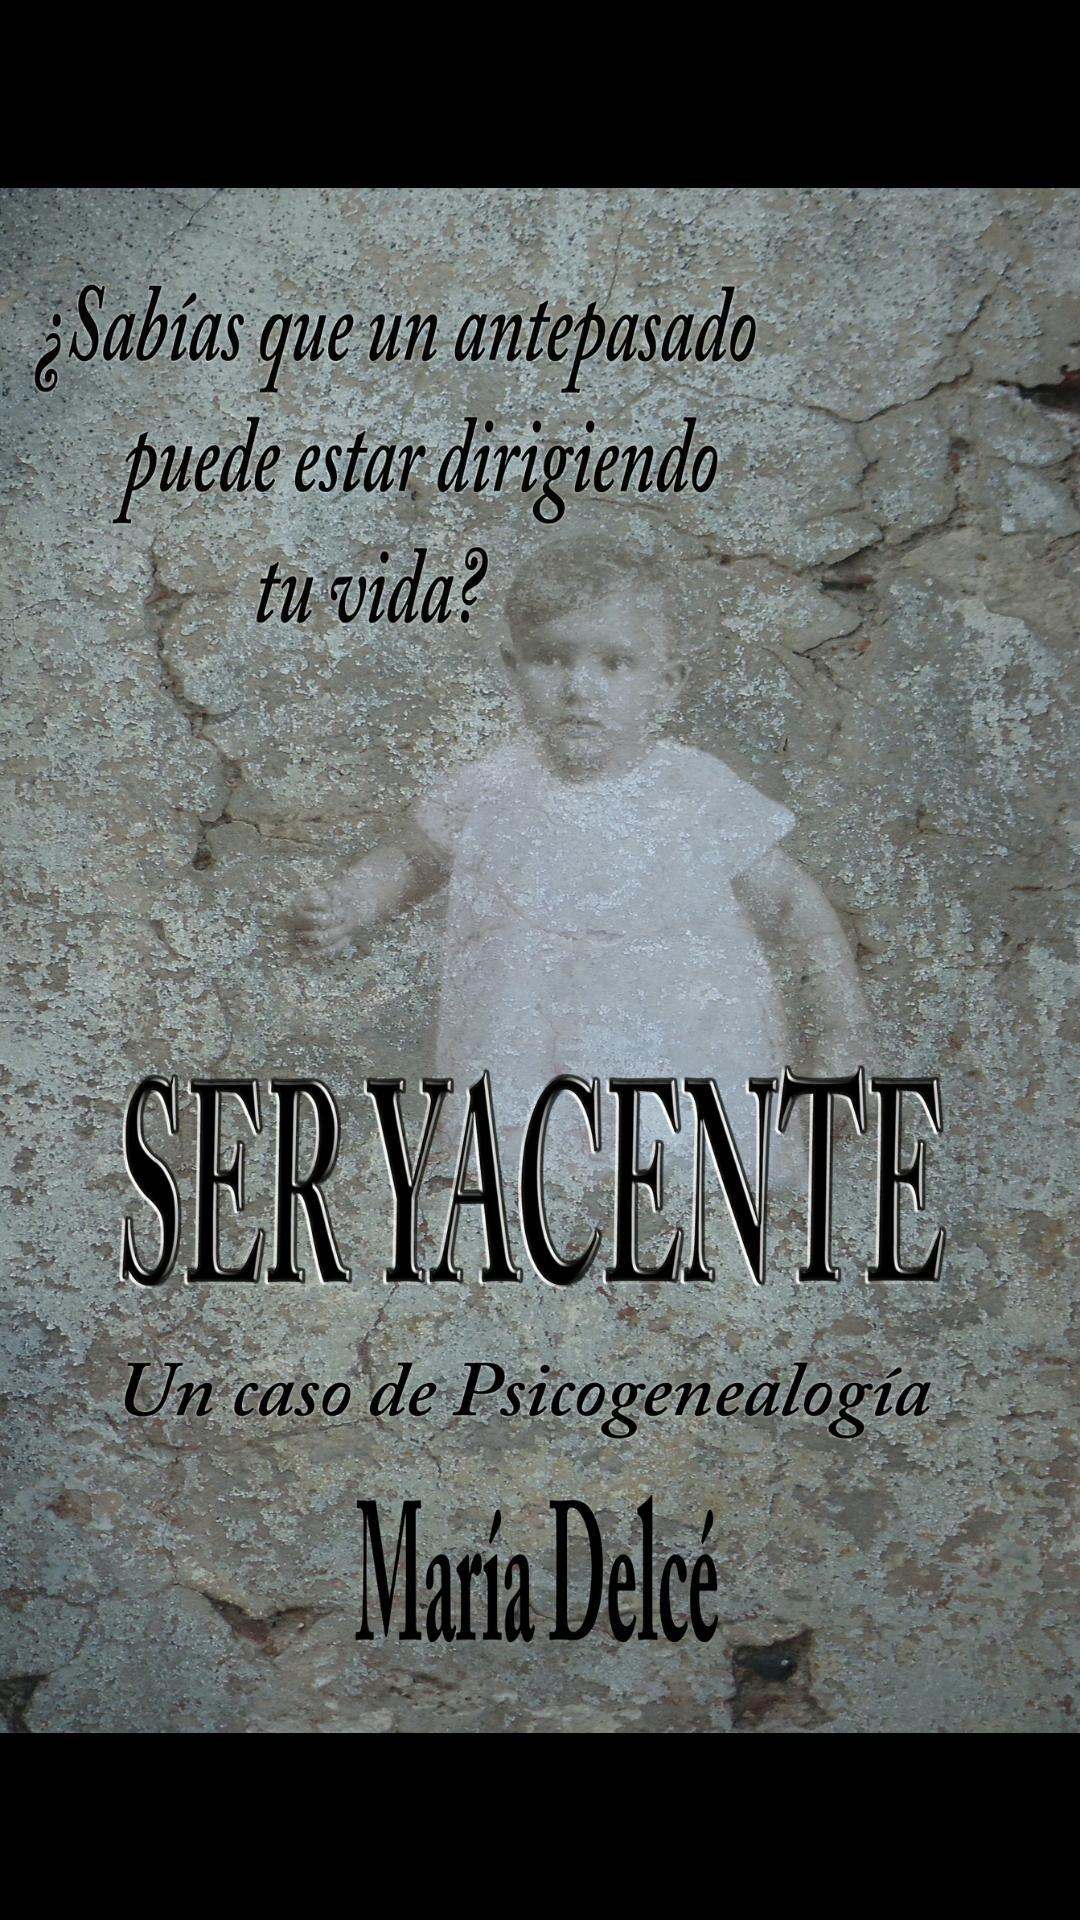 SER YACENTE